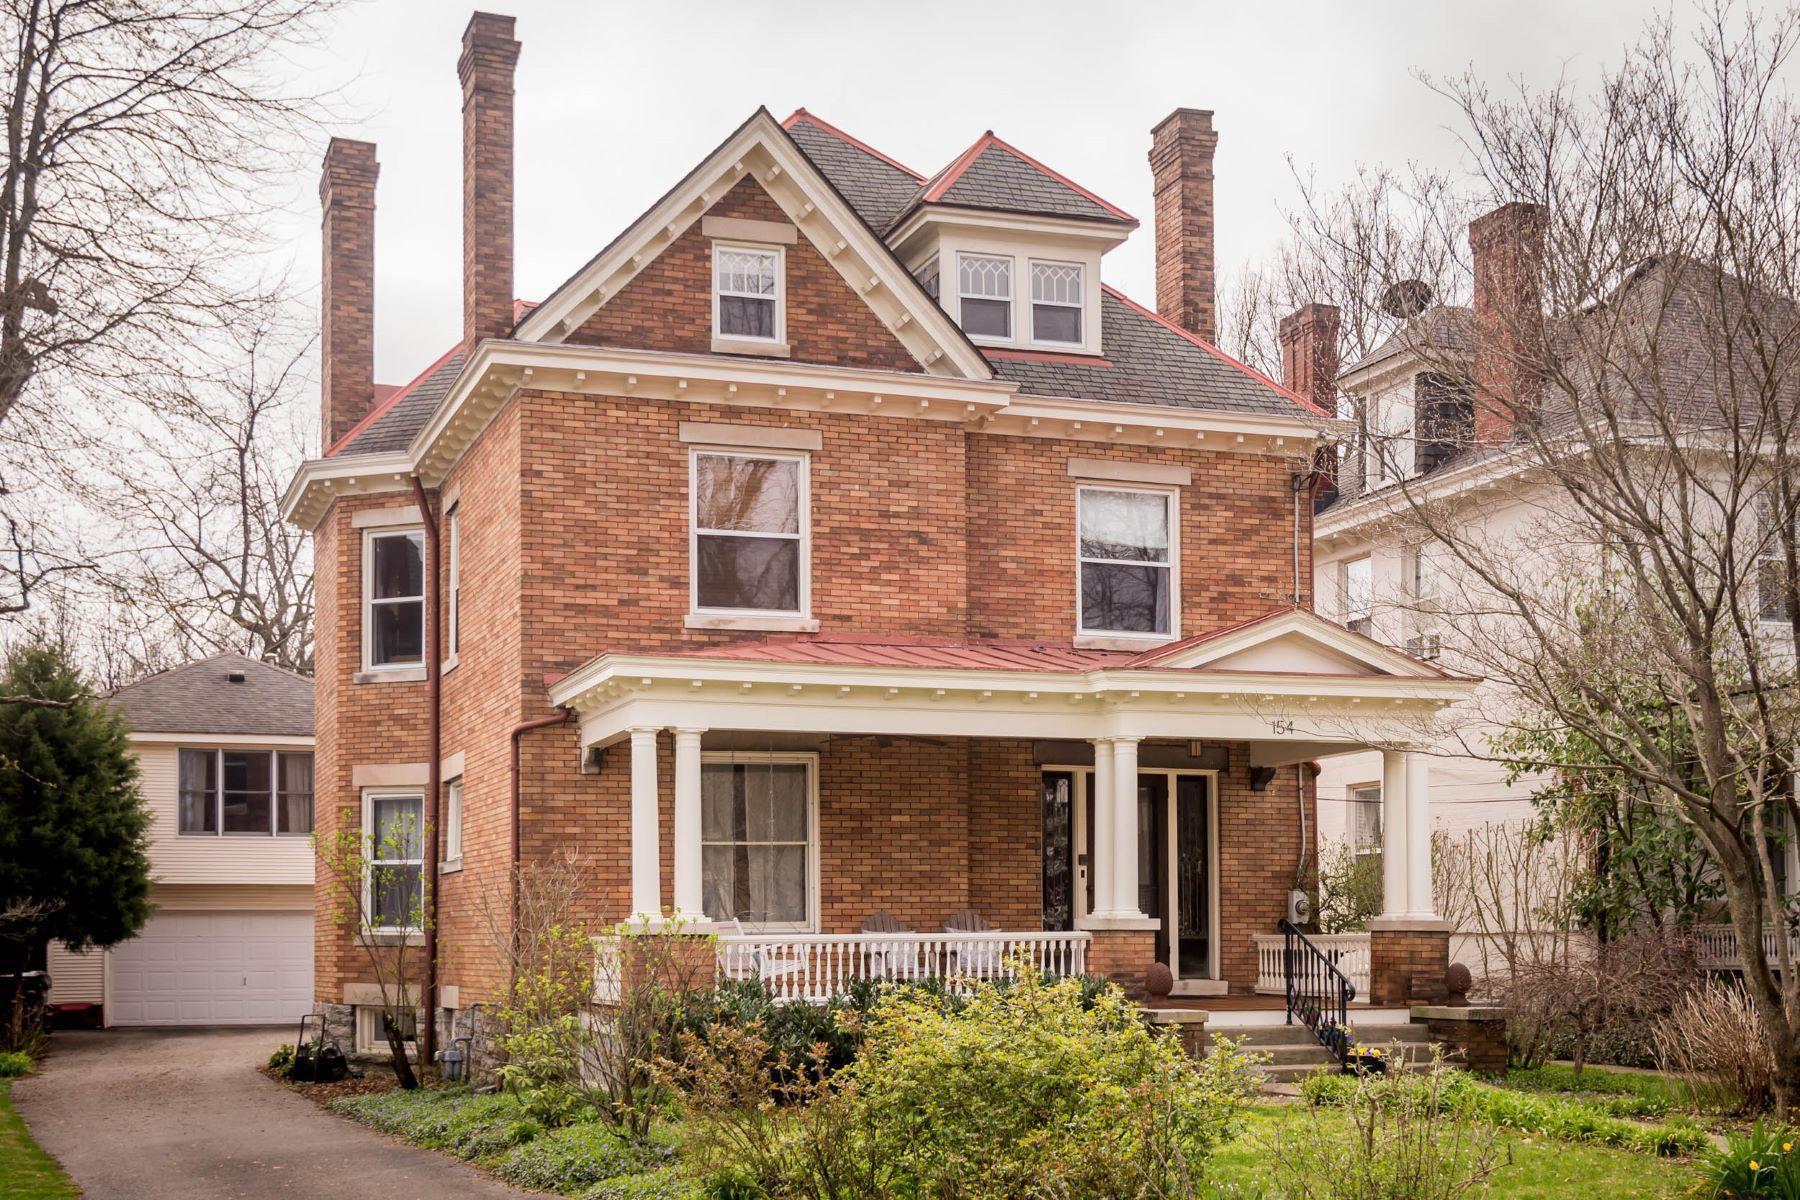 一戸建て のために 売買 アット 154 Forest Avenue Bell Court, Lexington, ケンタッキー, 40502 アメリカ合衆国